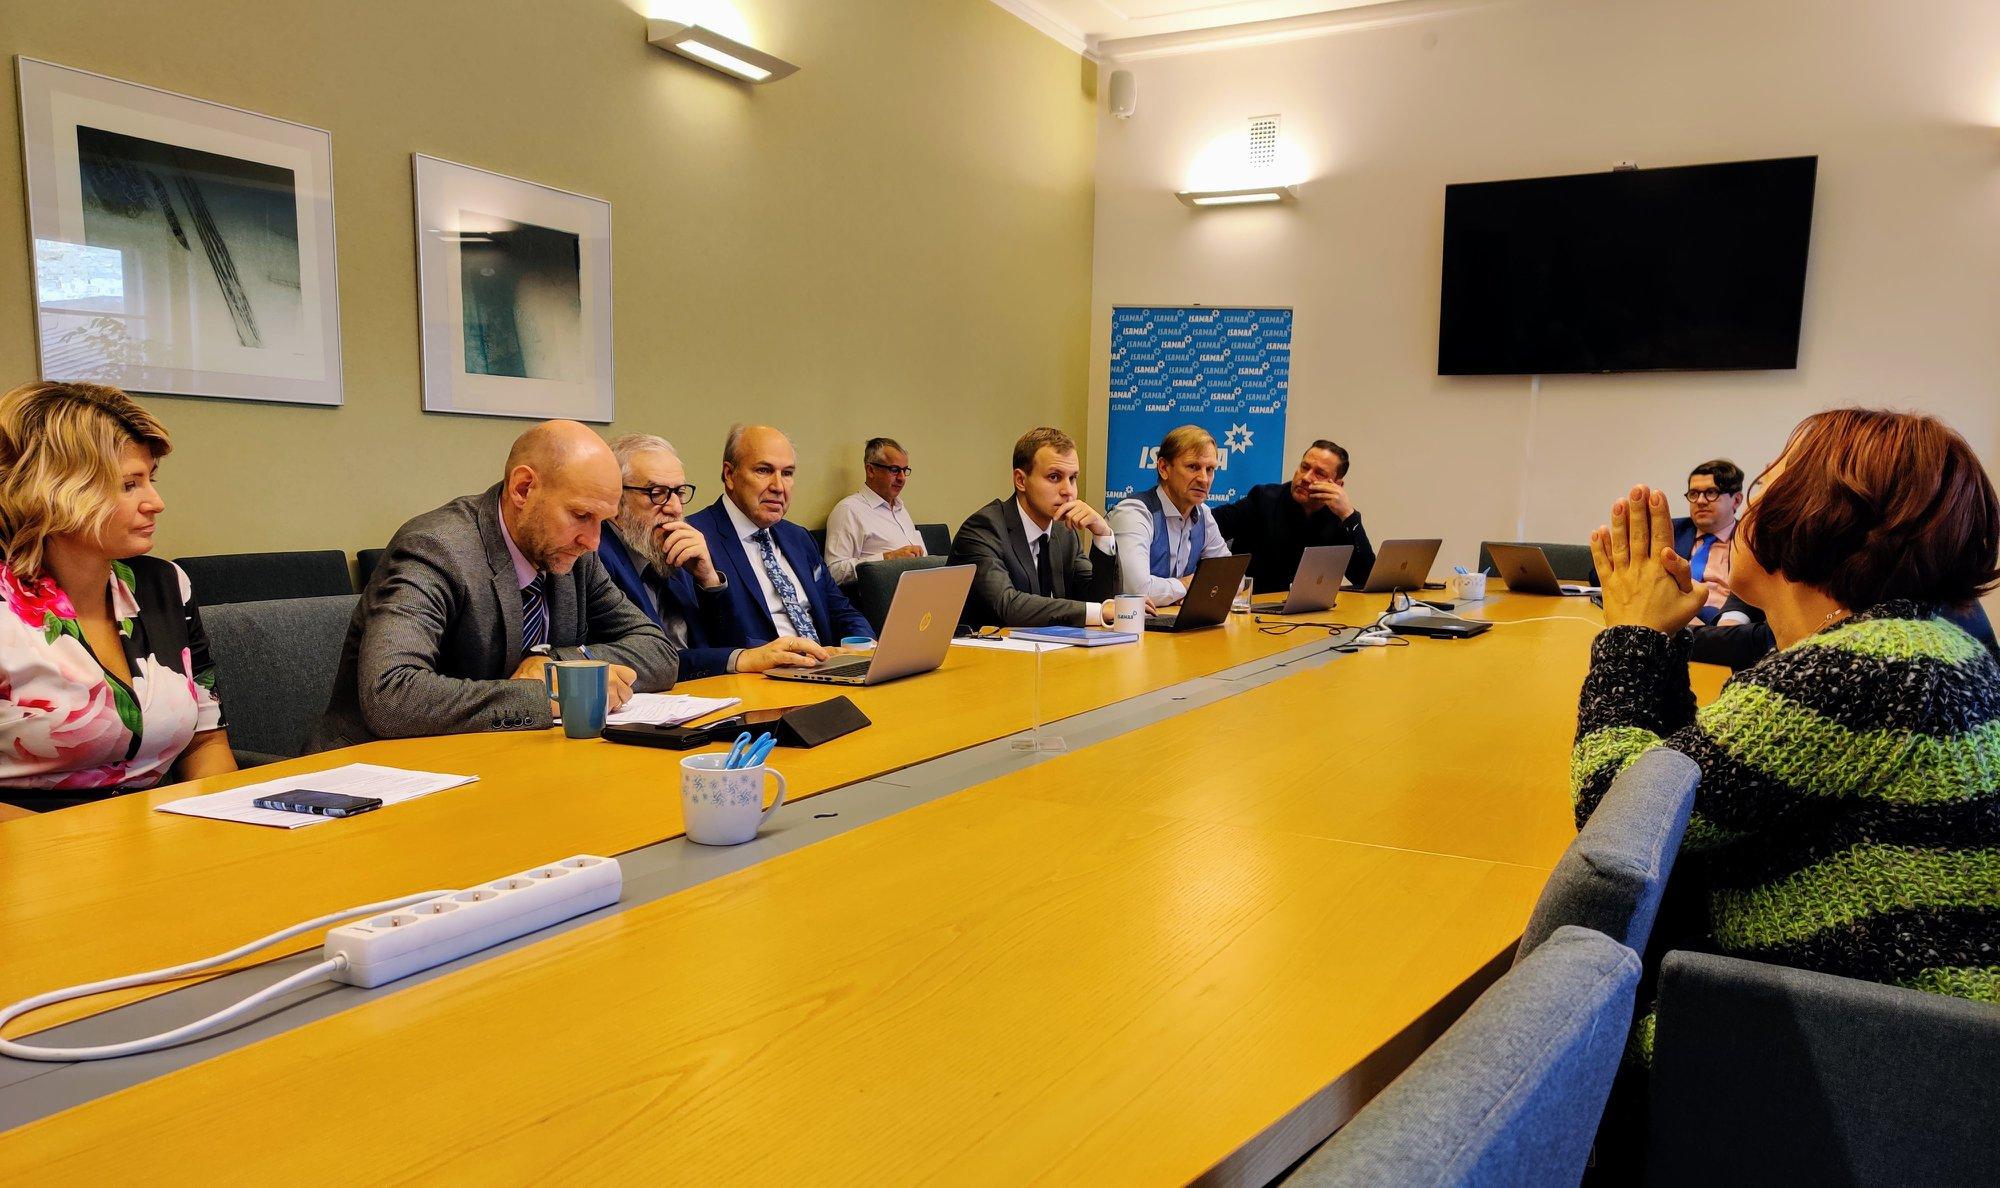 Isamaa fraktsiooni liikmed ja ResPublica juhatuse liikmed Karl Sander Kase ja Sirle Rosenfeldt kohtumisel Mailis Repsiga.